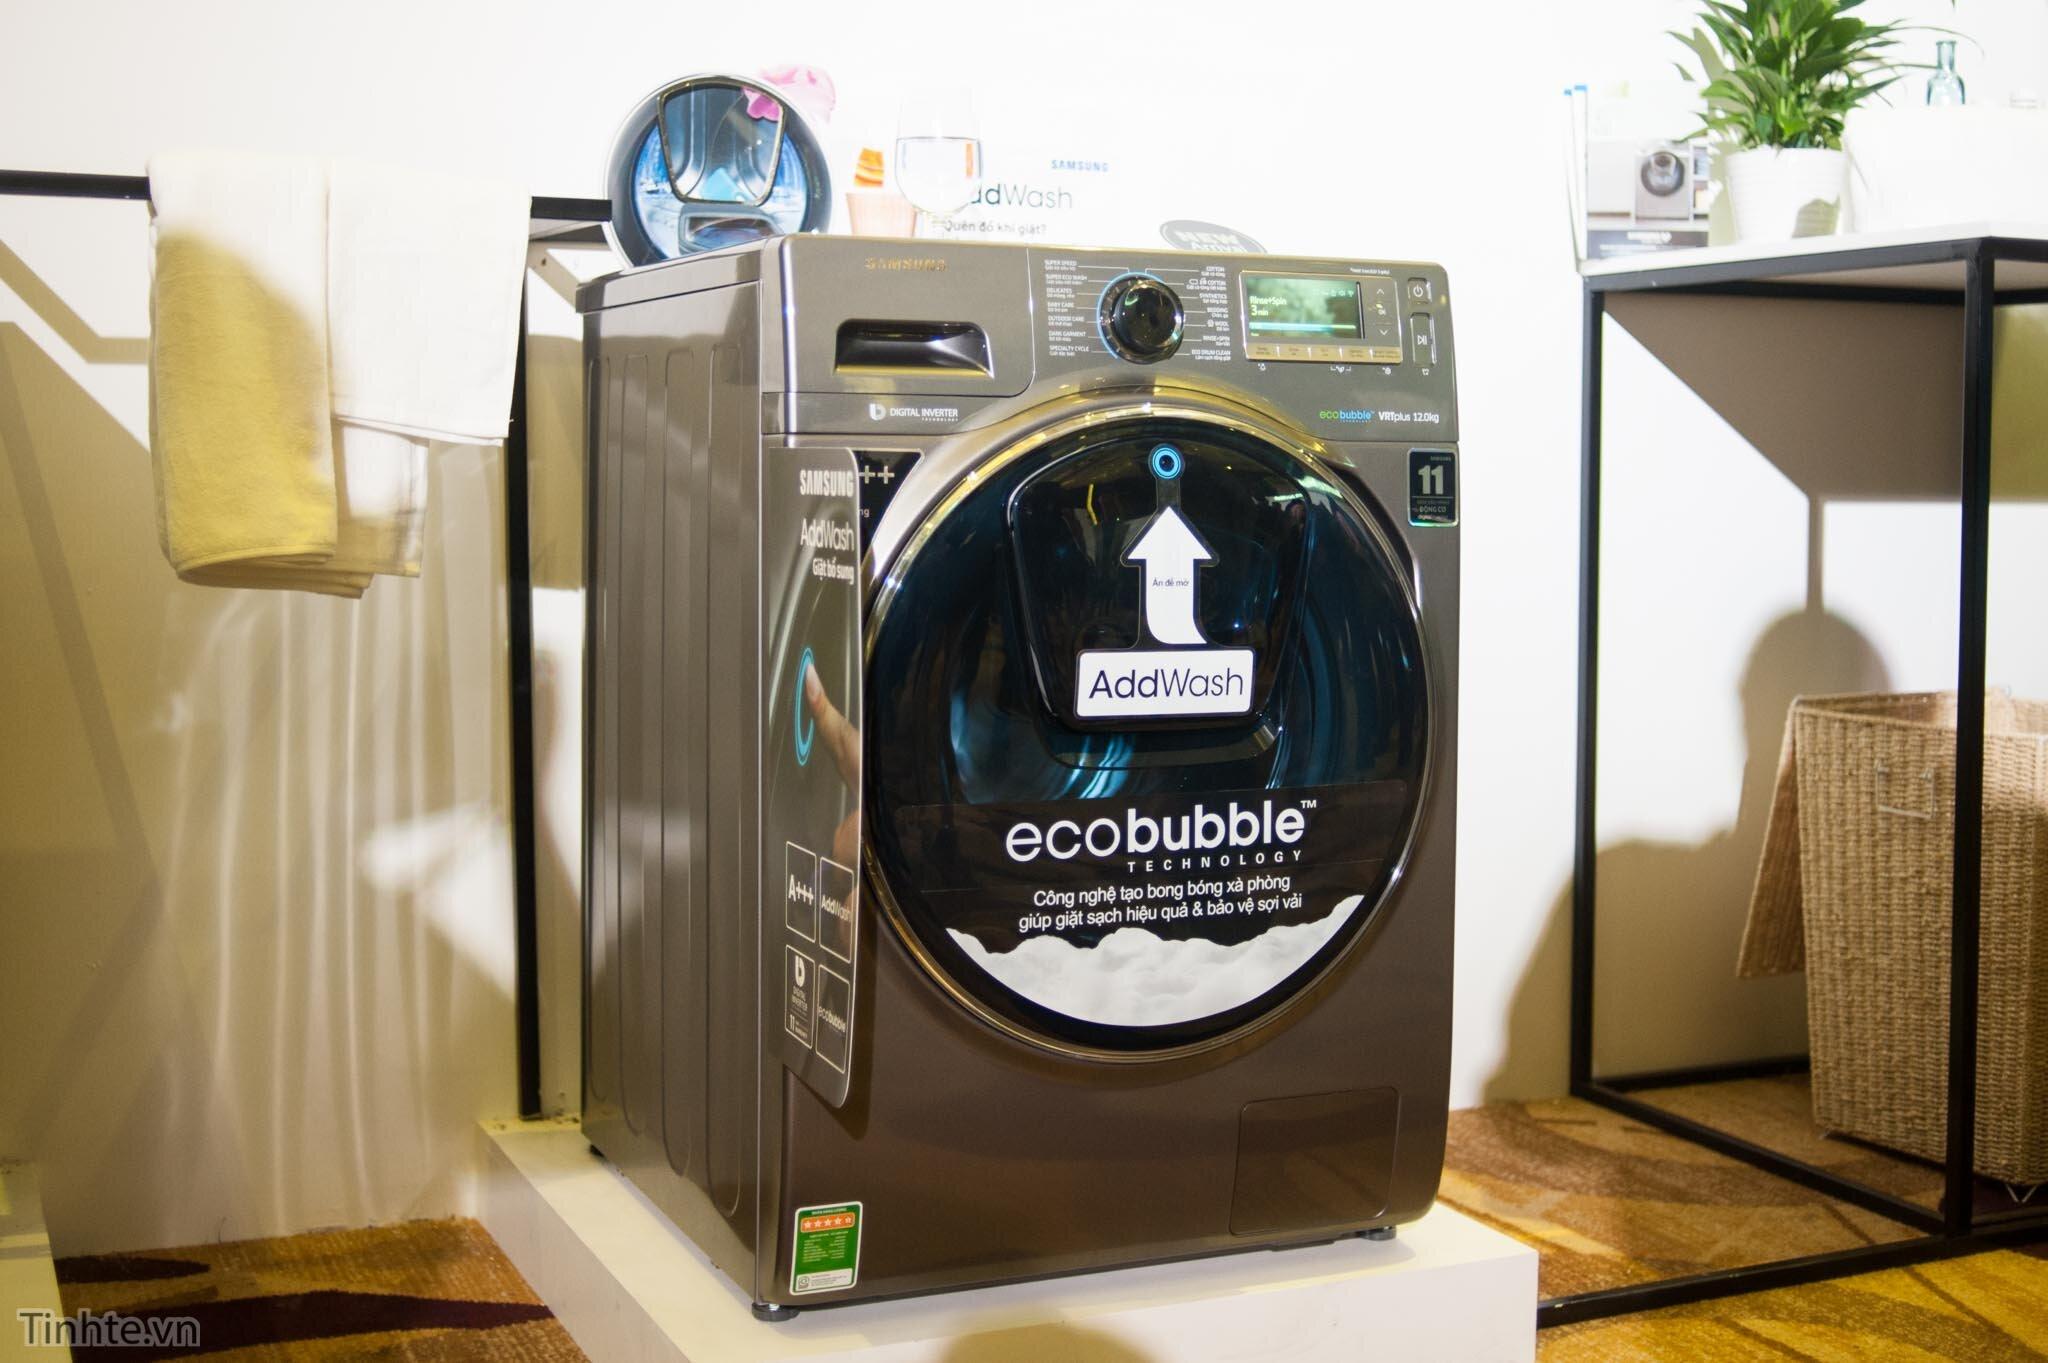 Máy giặt Samsung Add Wash và công nghệ Eco bubble